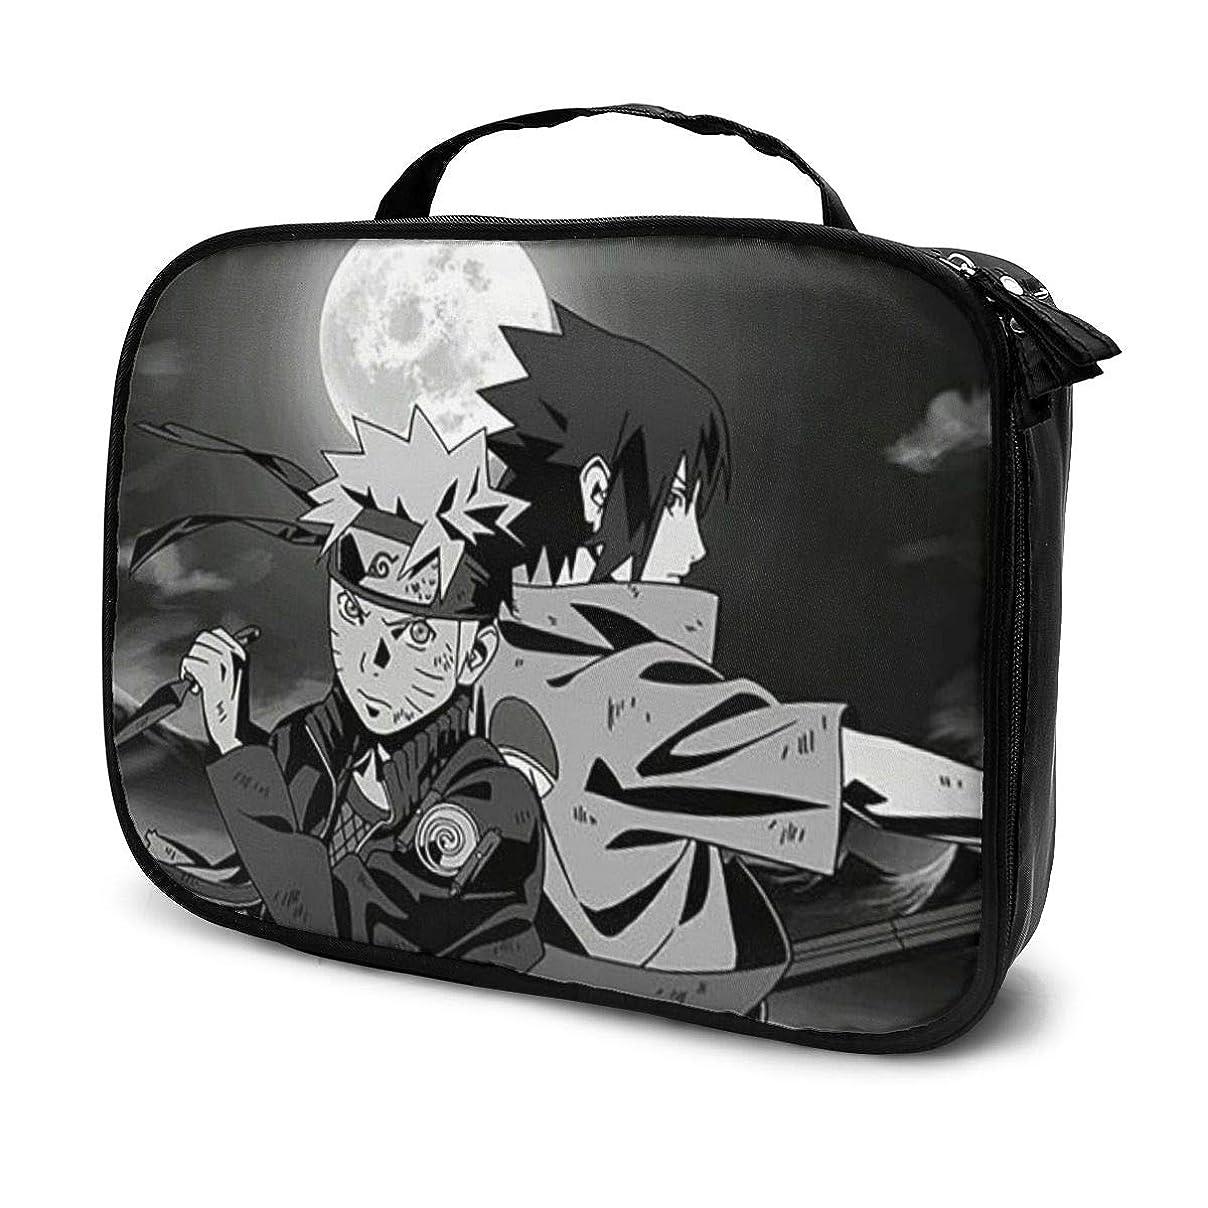 きょうだい供給ハグDaitu?人佐助 化粧品袋の女性旅行バッグ収納大容量防水アクセサリー旅行